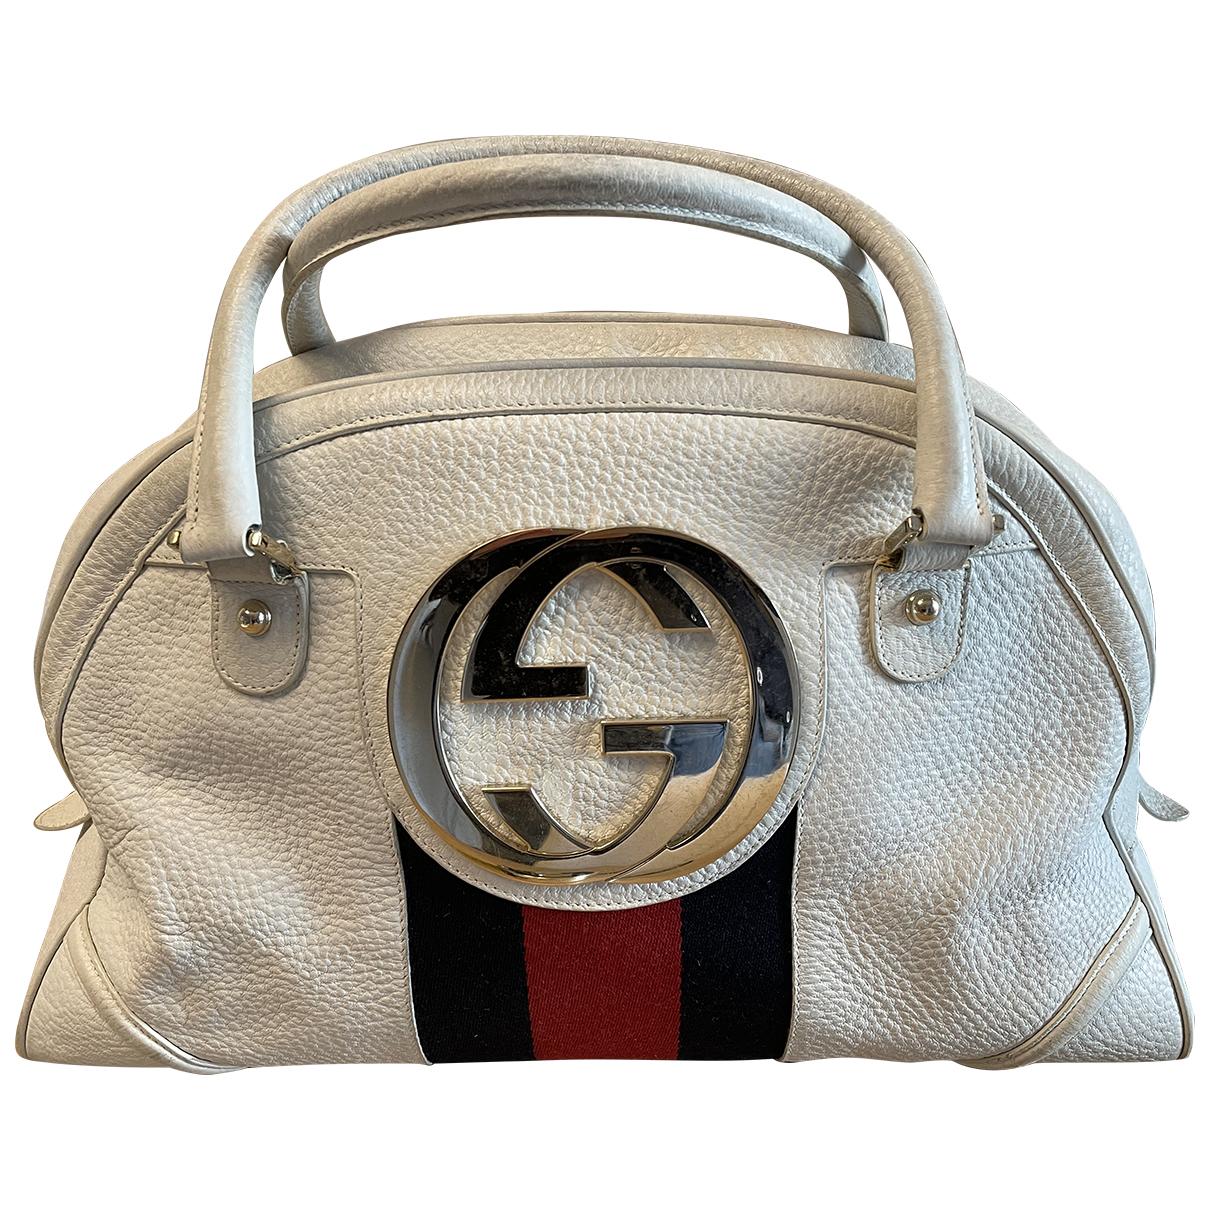 Gucci - Sac de voyage Interlocking pour femme en cuir - blanc